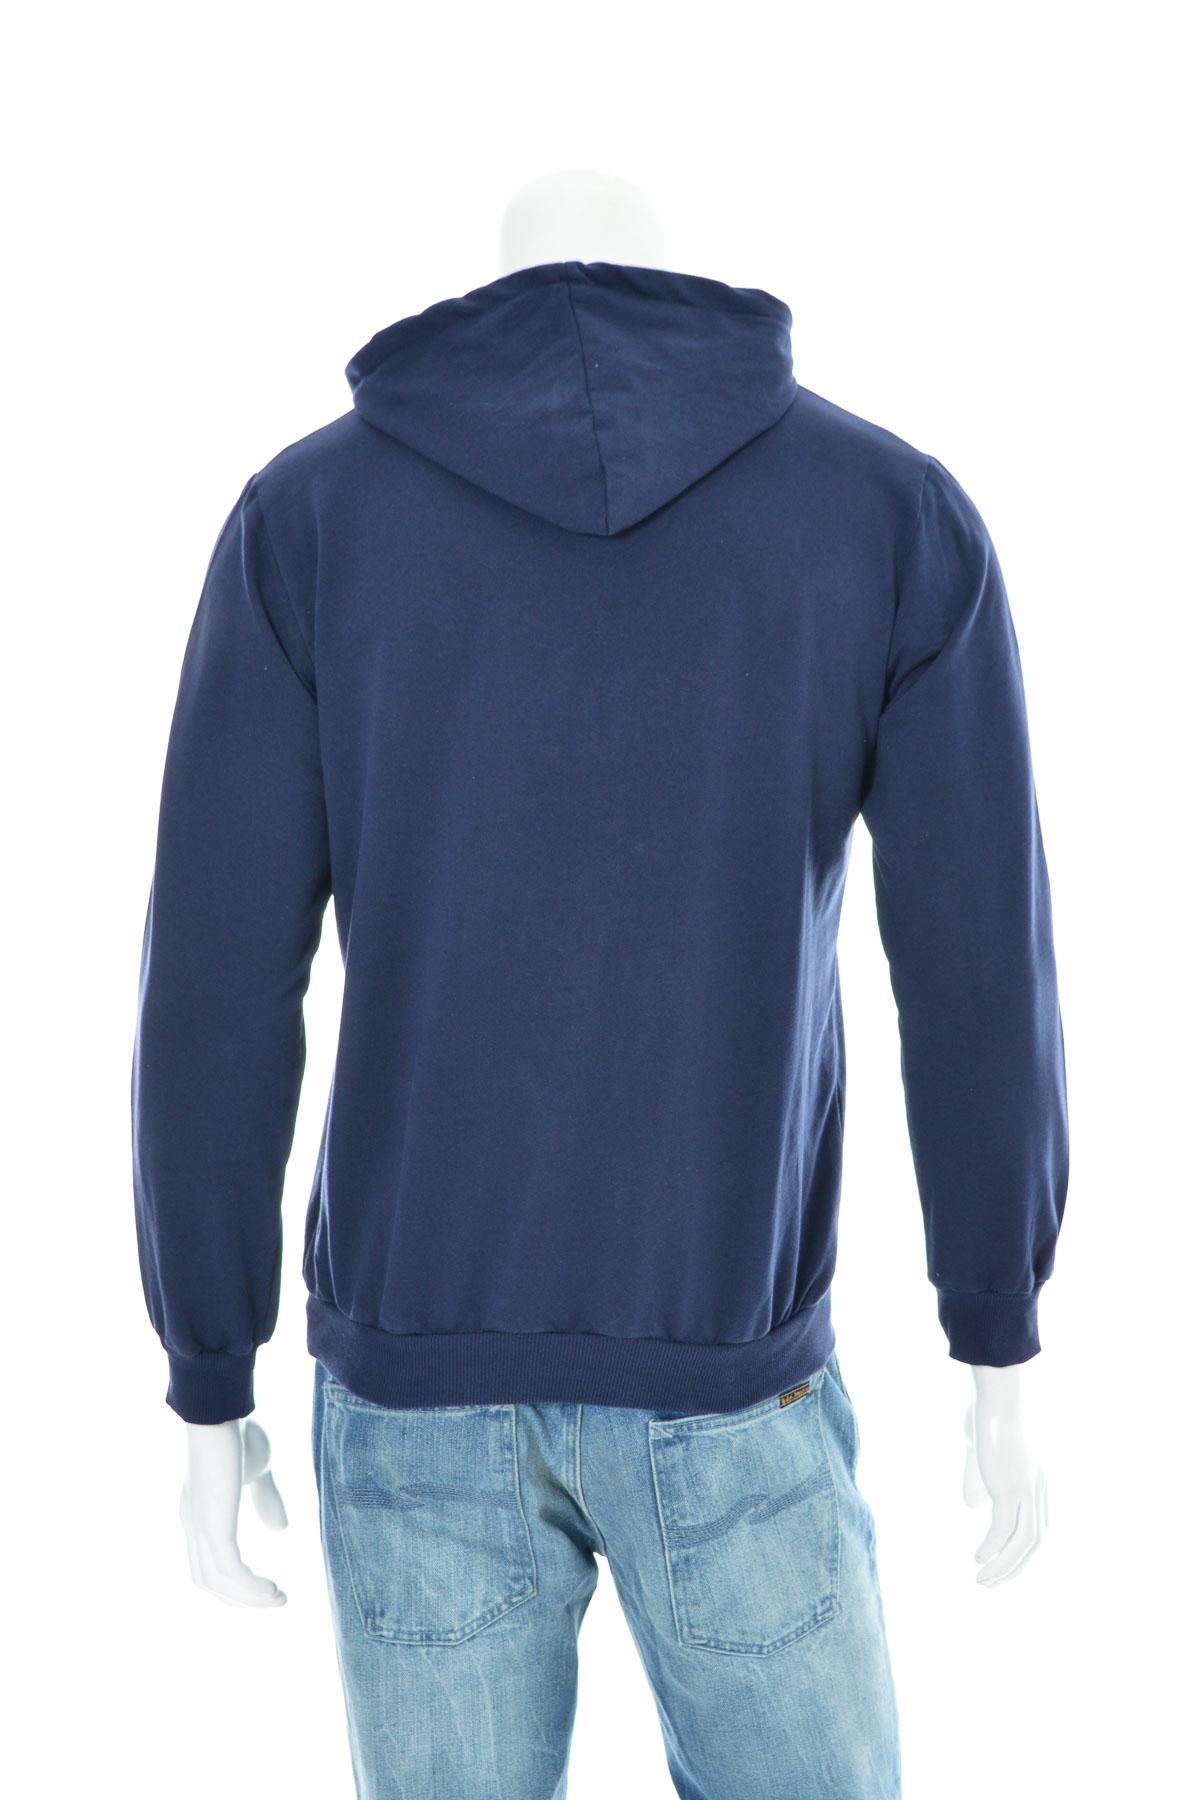 Men's sweatshirt - SHARK ATTACK - 1